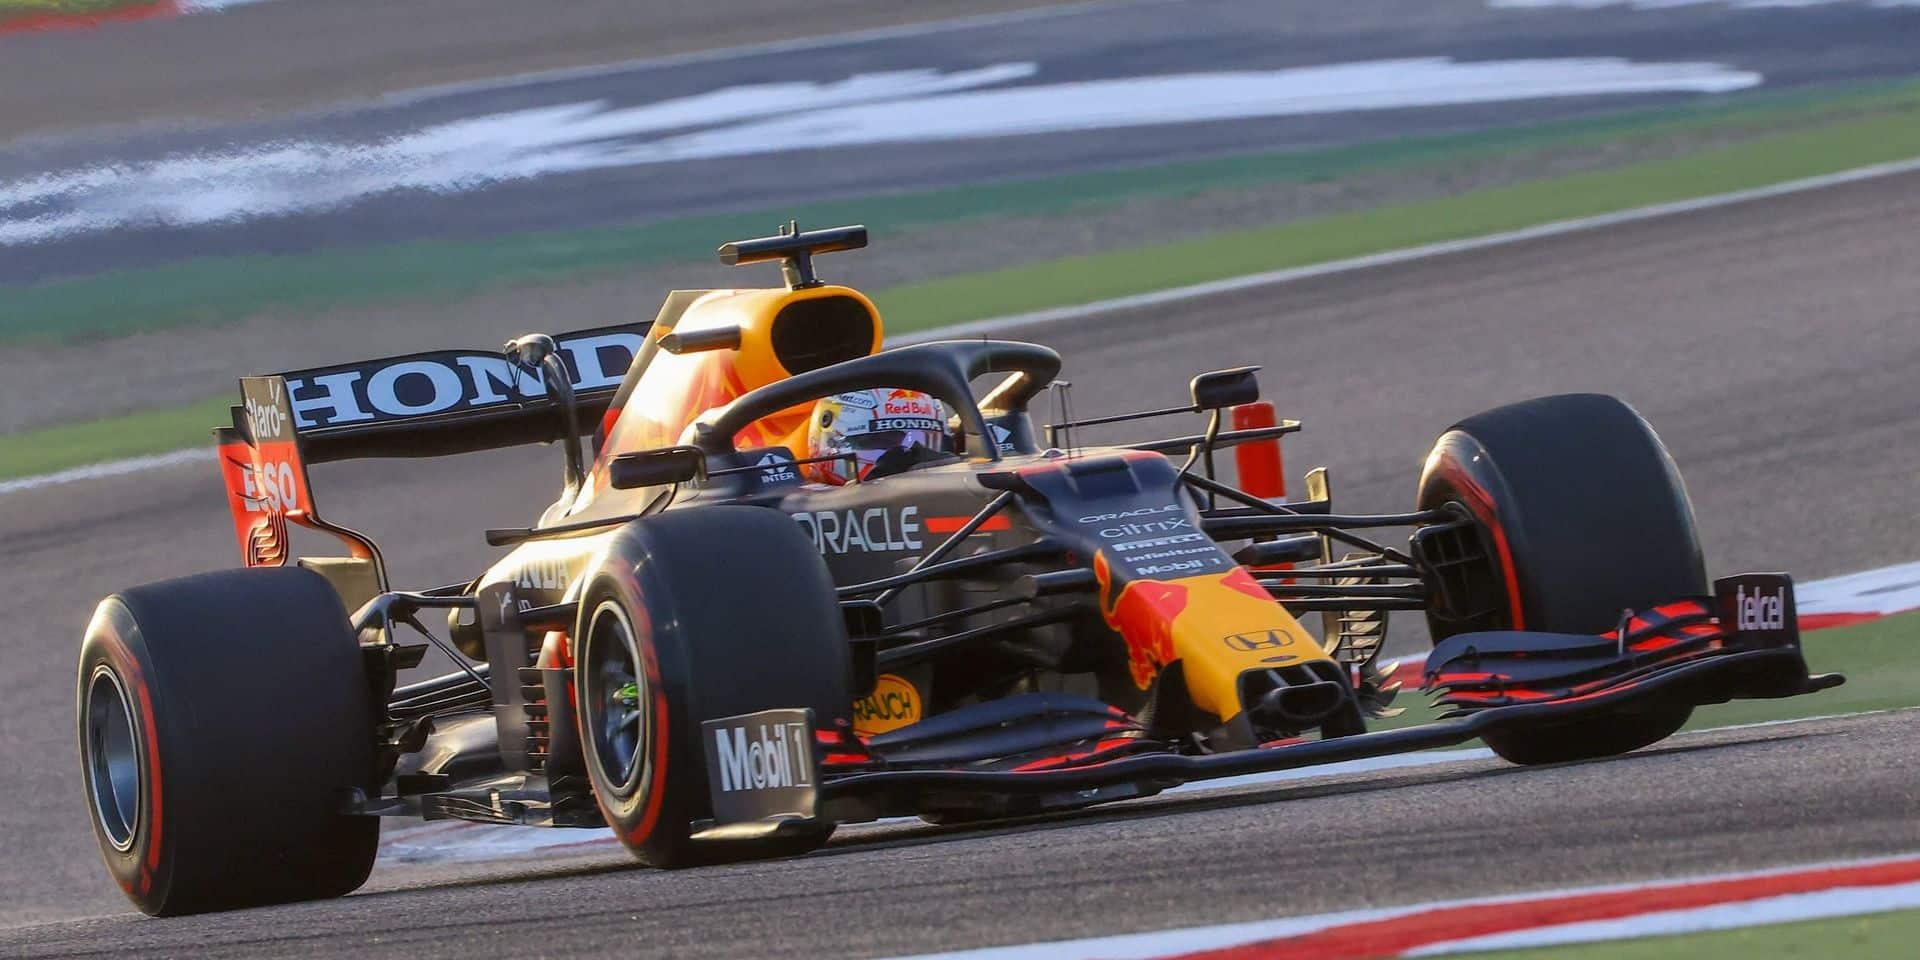 Grand Prix de Bahreïn: Lewis Hamilton l'emporte après une énorme bagarre avec Verstappen !